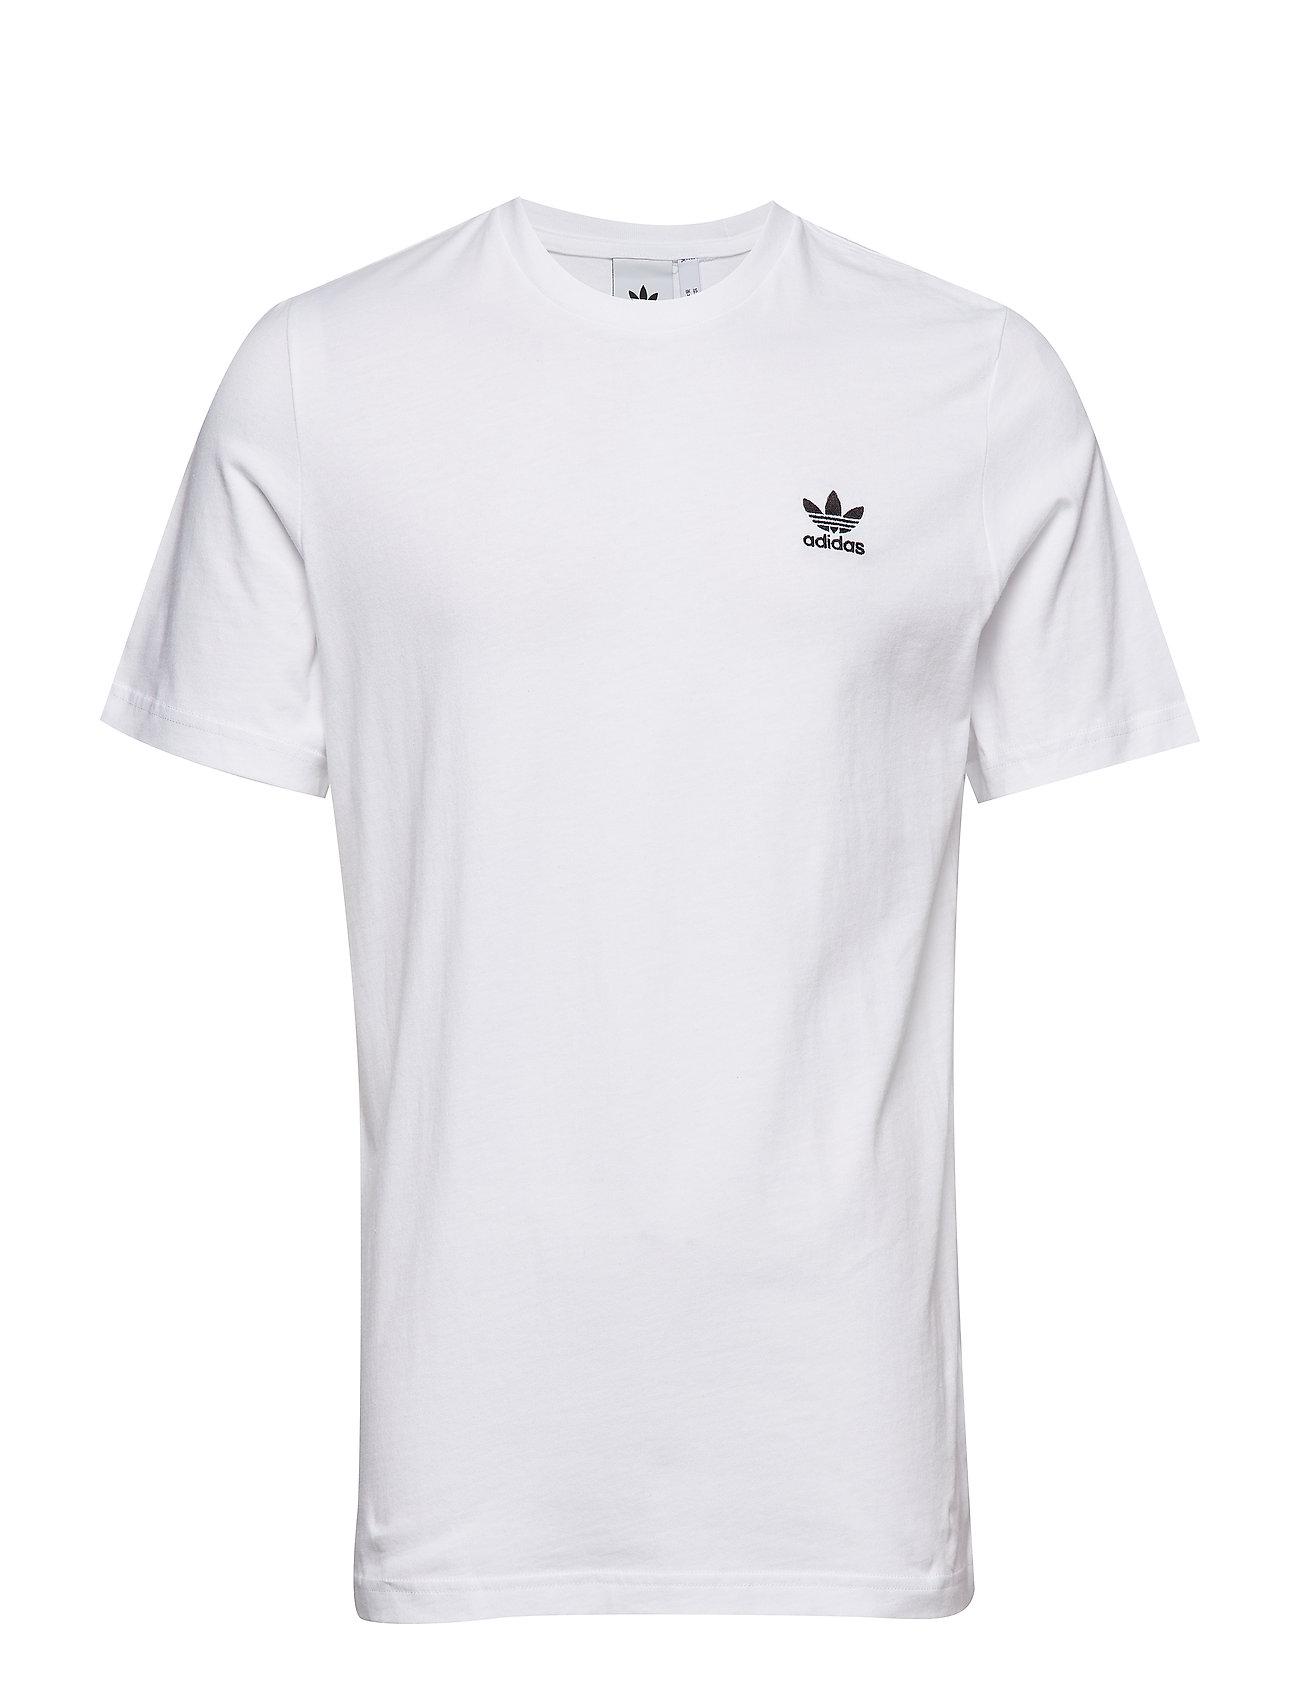 adidas Originals ESSENTIAL T - WHITE